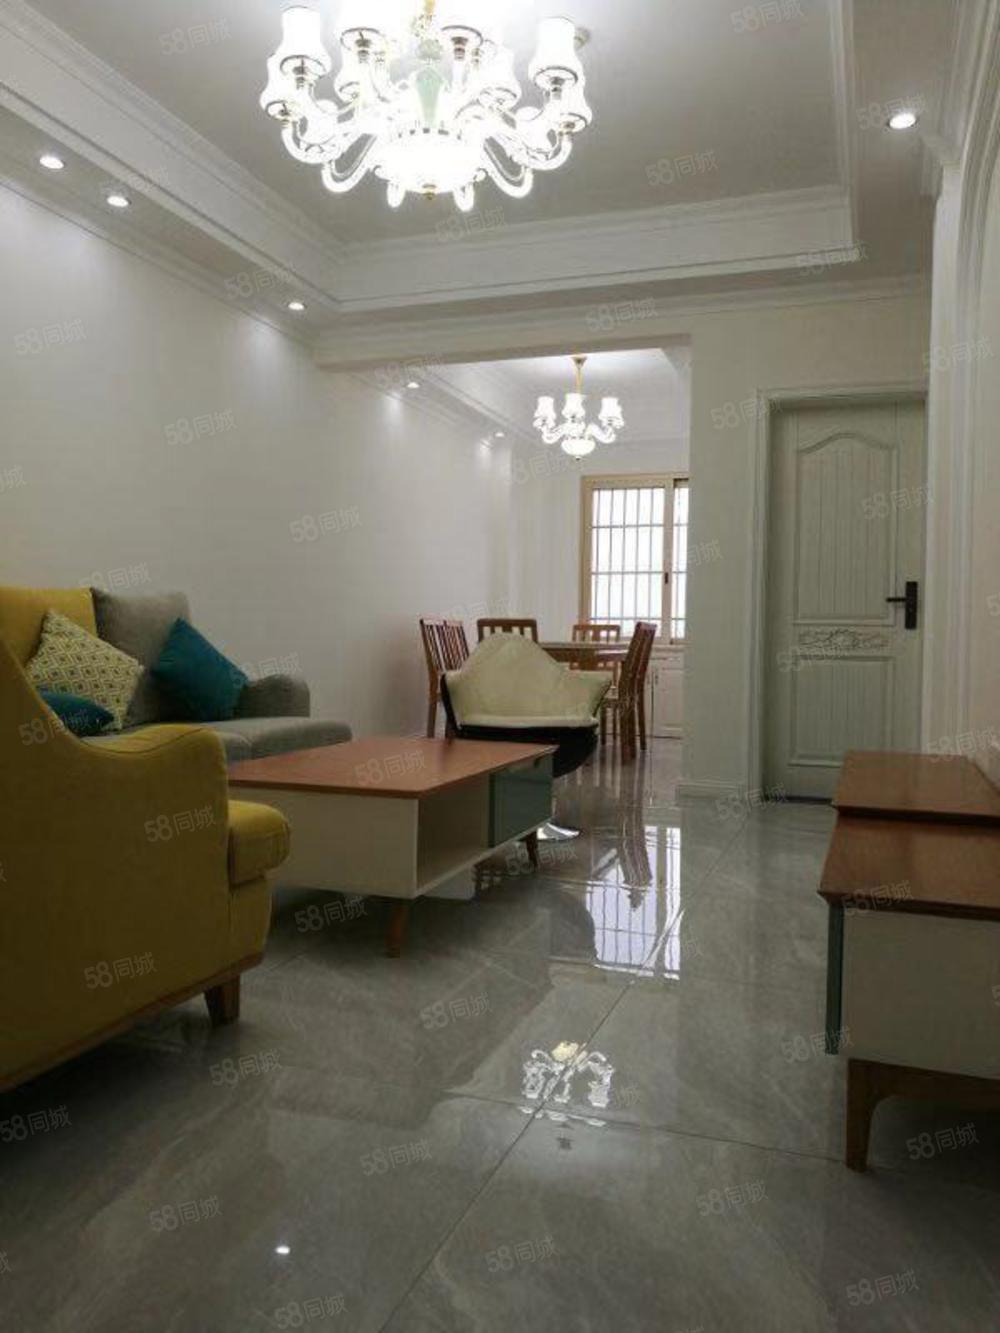 富临大都会超值两室设施完善豪华装修,舒适环境等你享受!!!